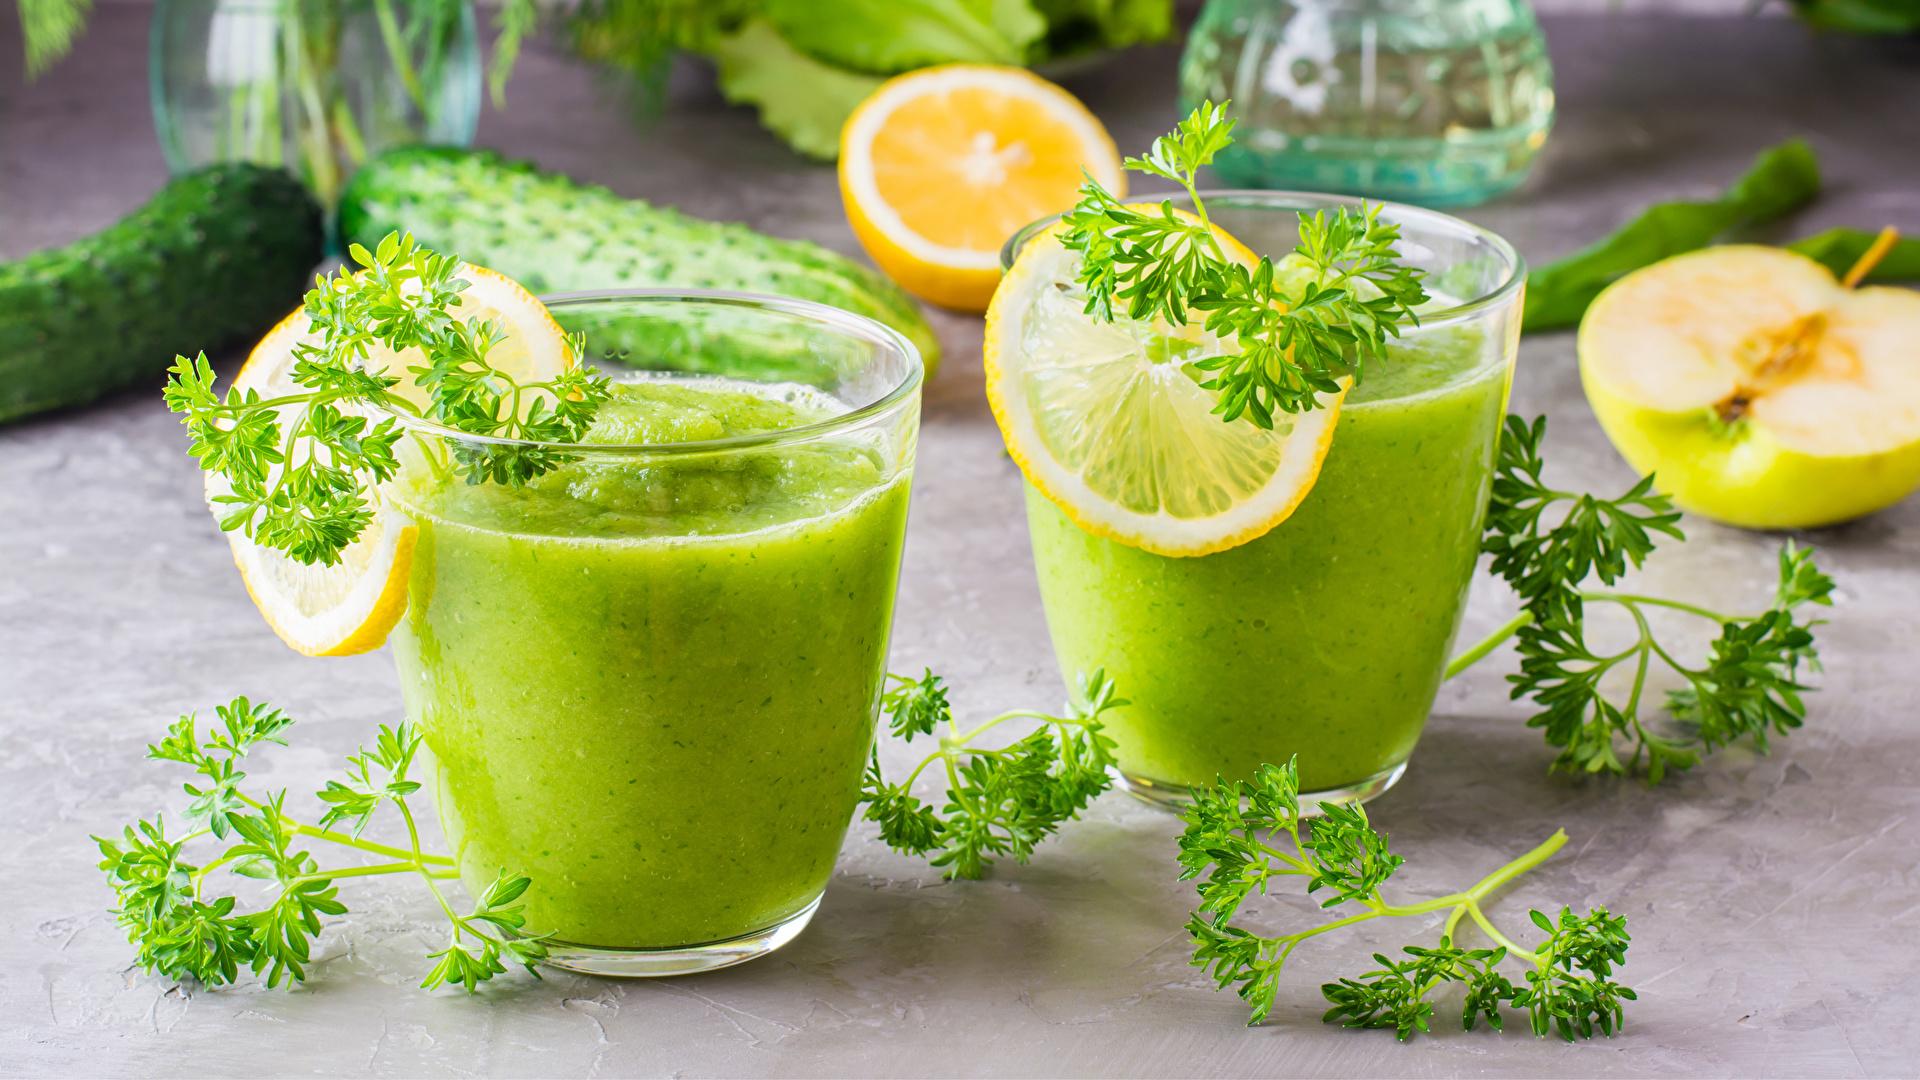 Фото Смузи 2 Лимоны стакане Пища Овощи 1920x1080 две два Двое вдвоем Стакан стакана Еда Продукты питания